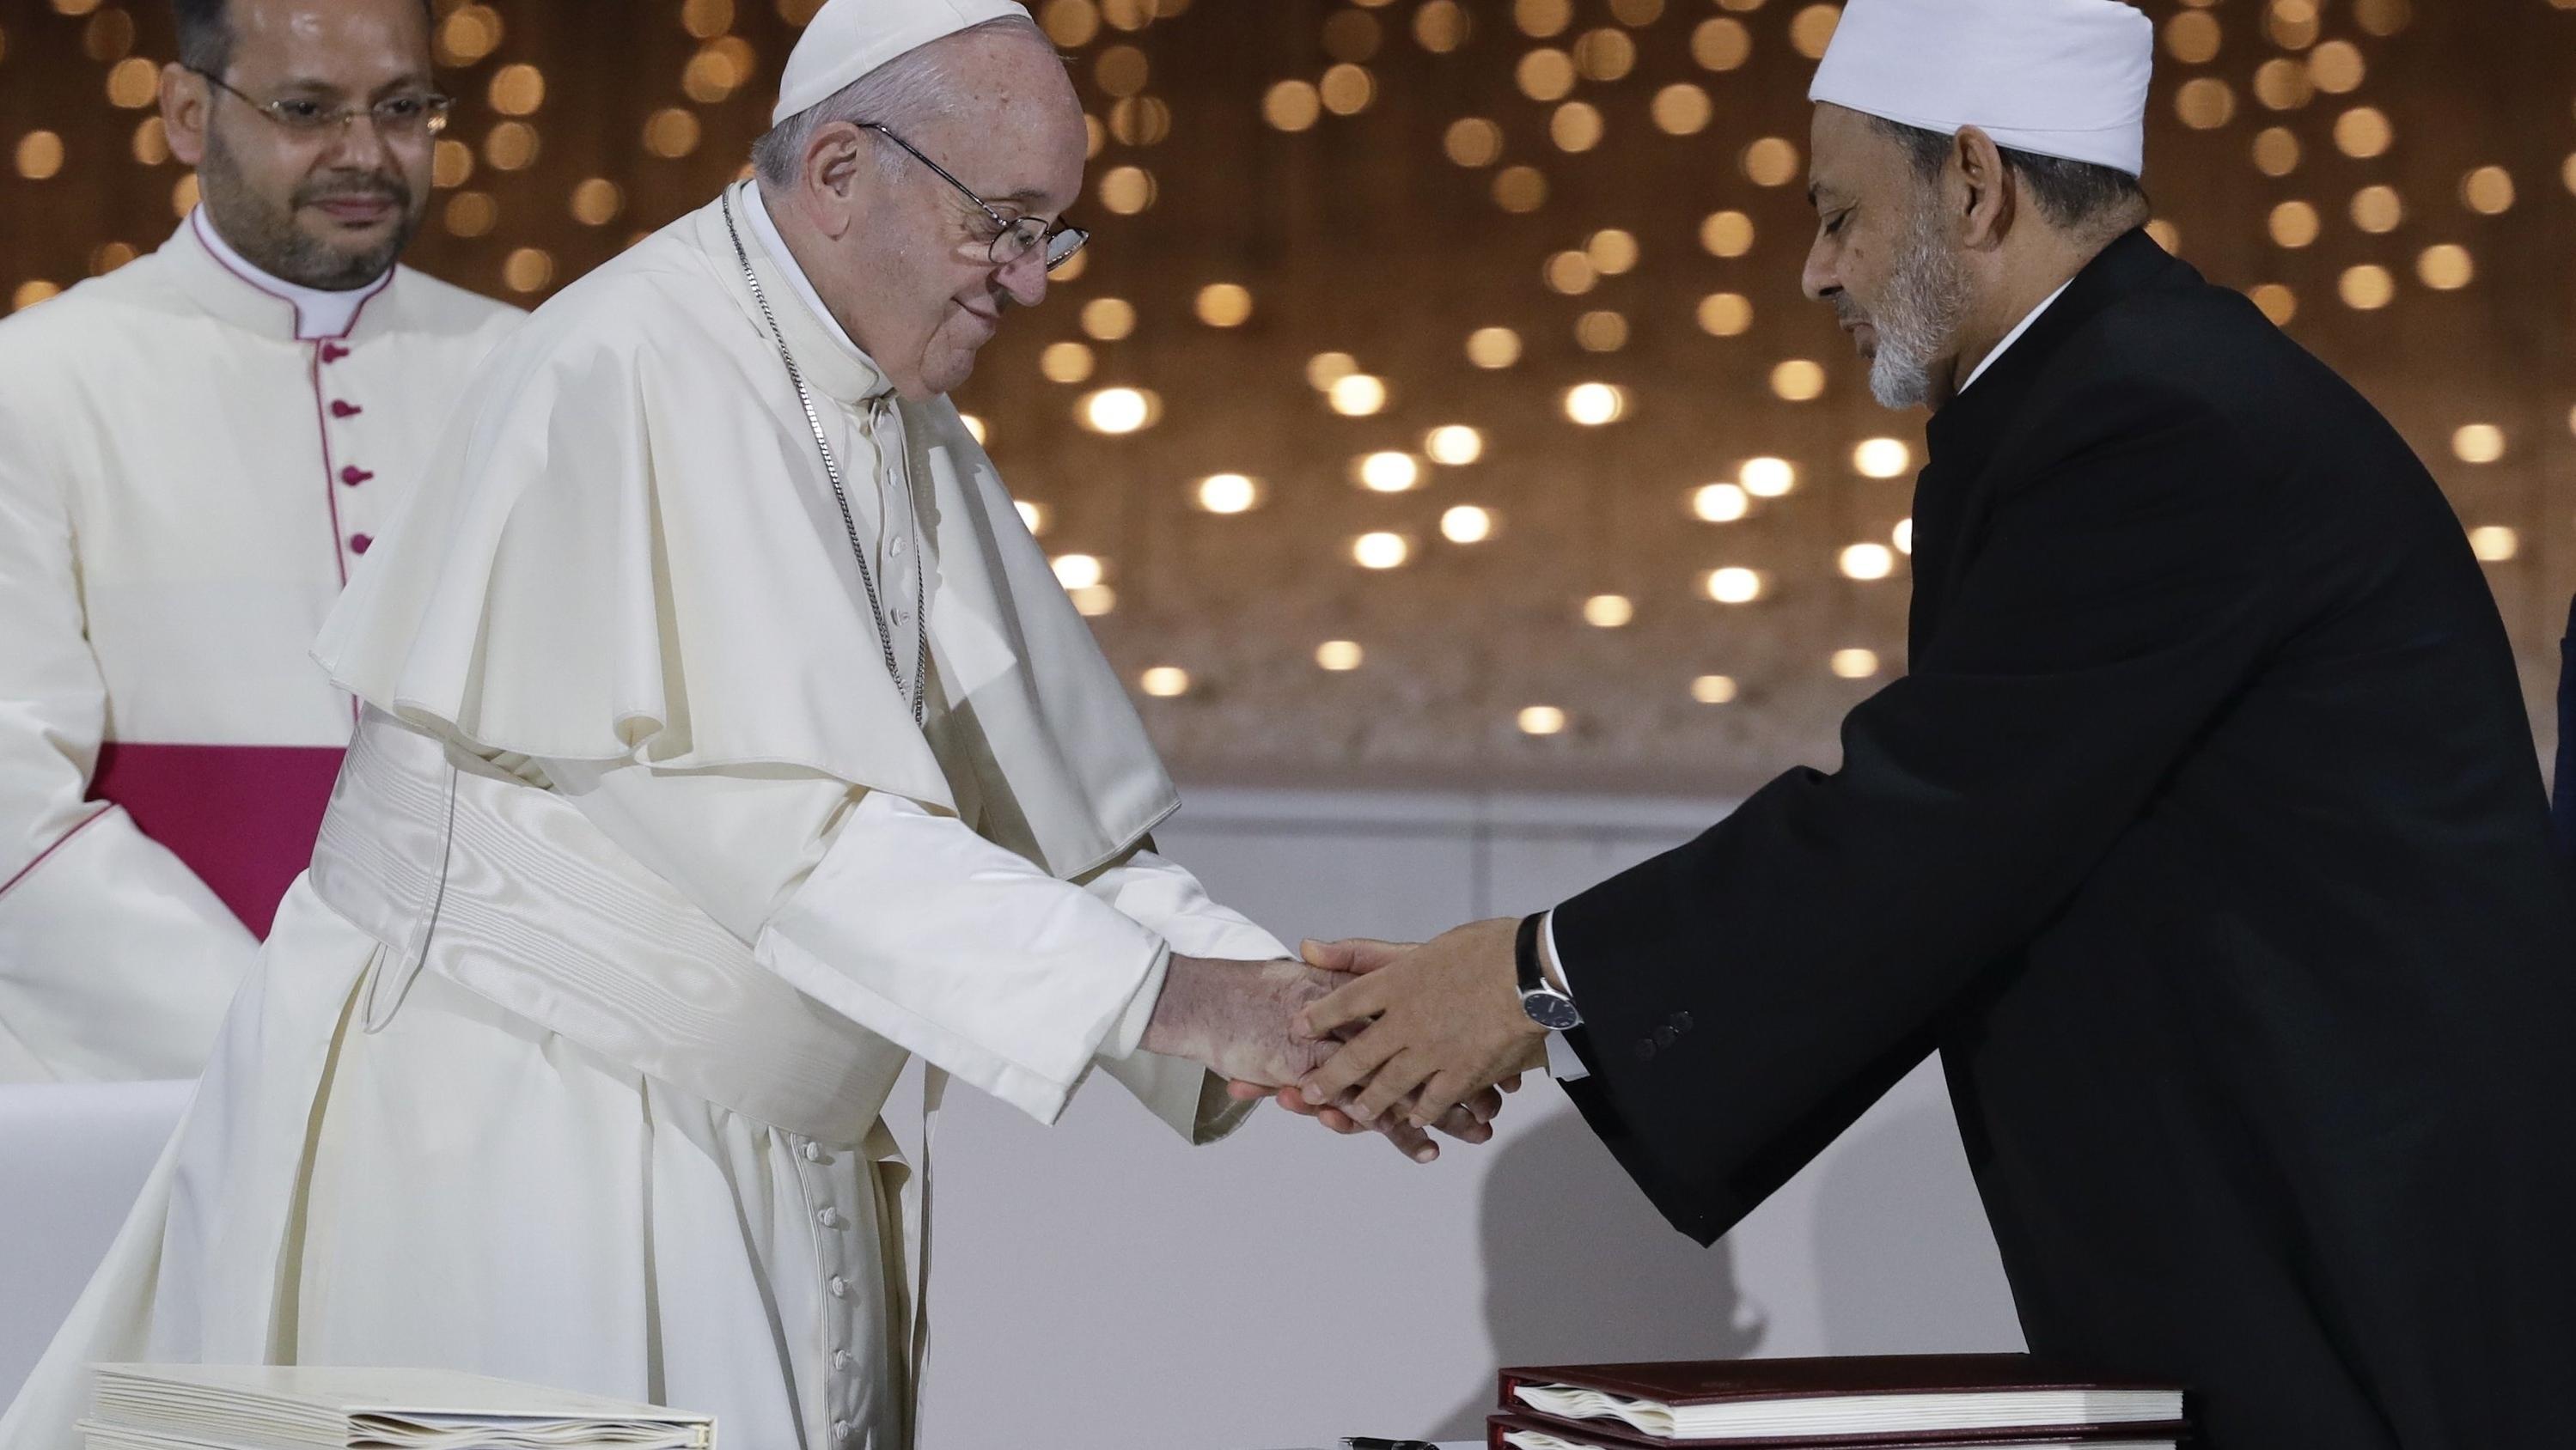 Papst Franziskus und Scheich Ahmed al-Tajjib reichen sich die Hand.